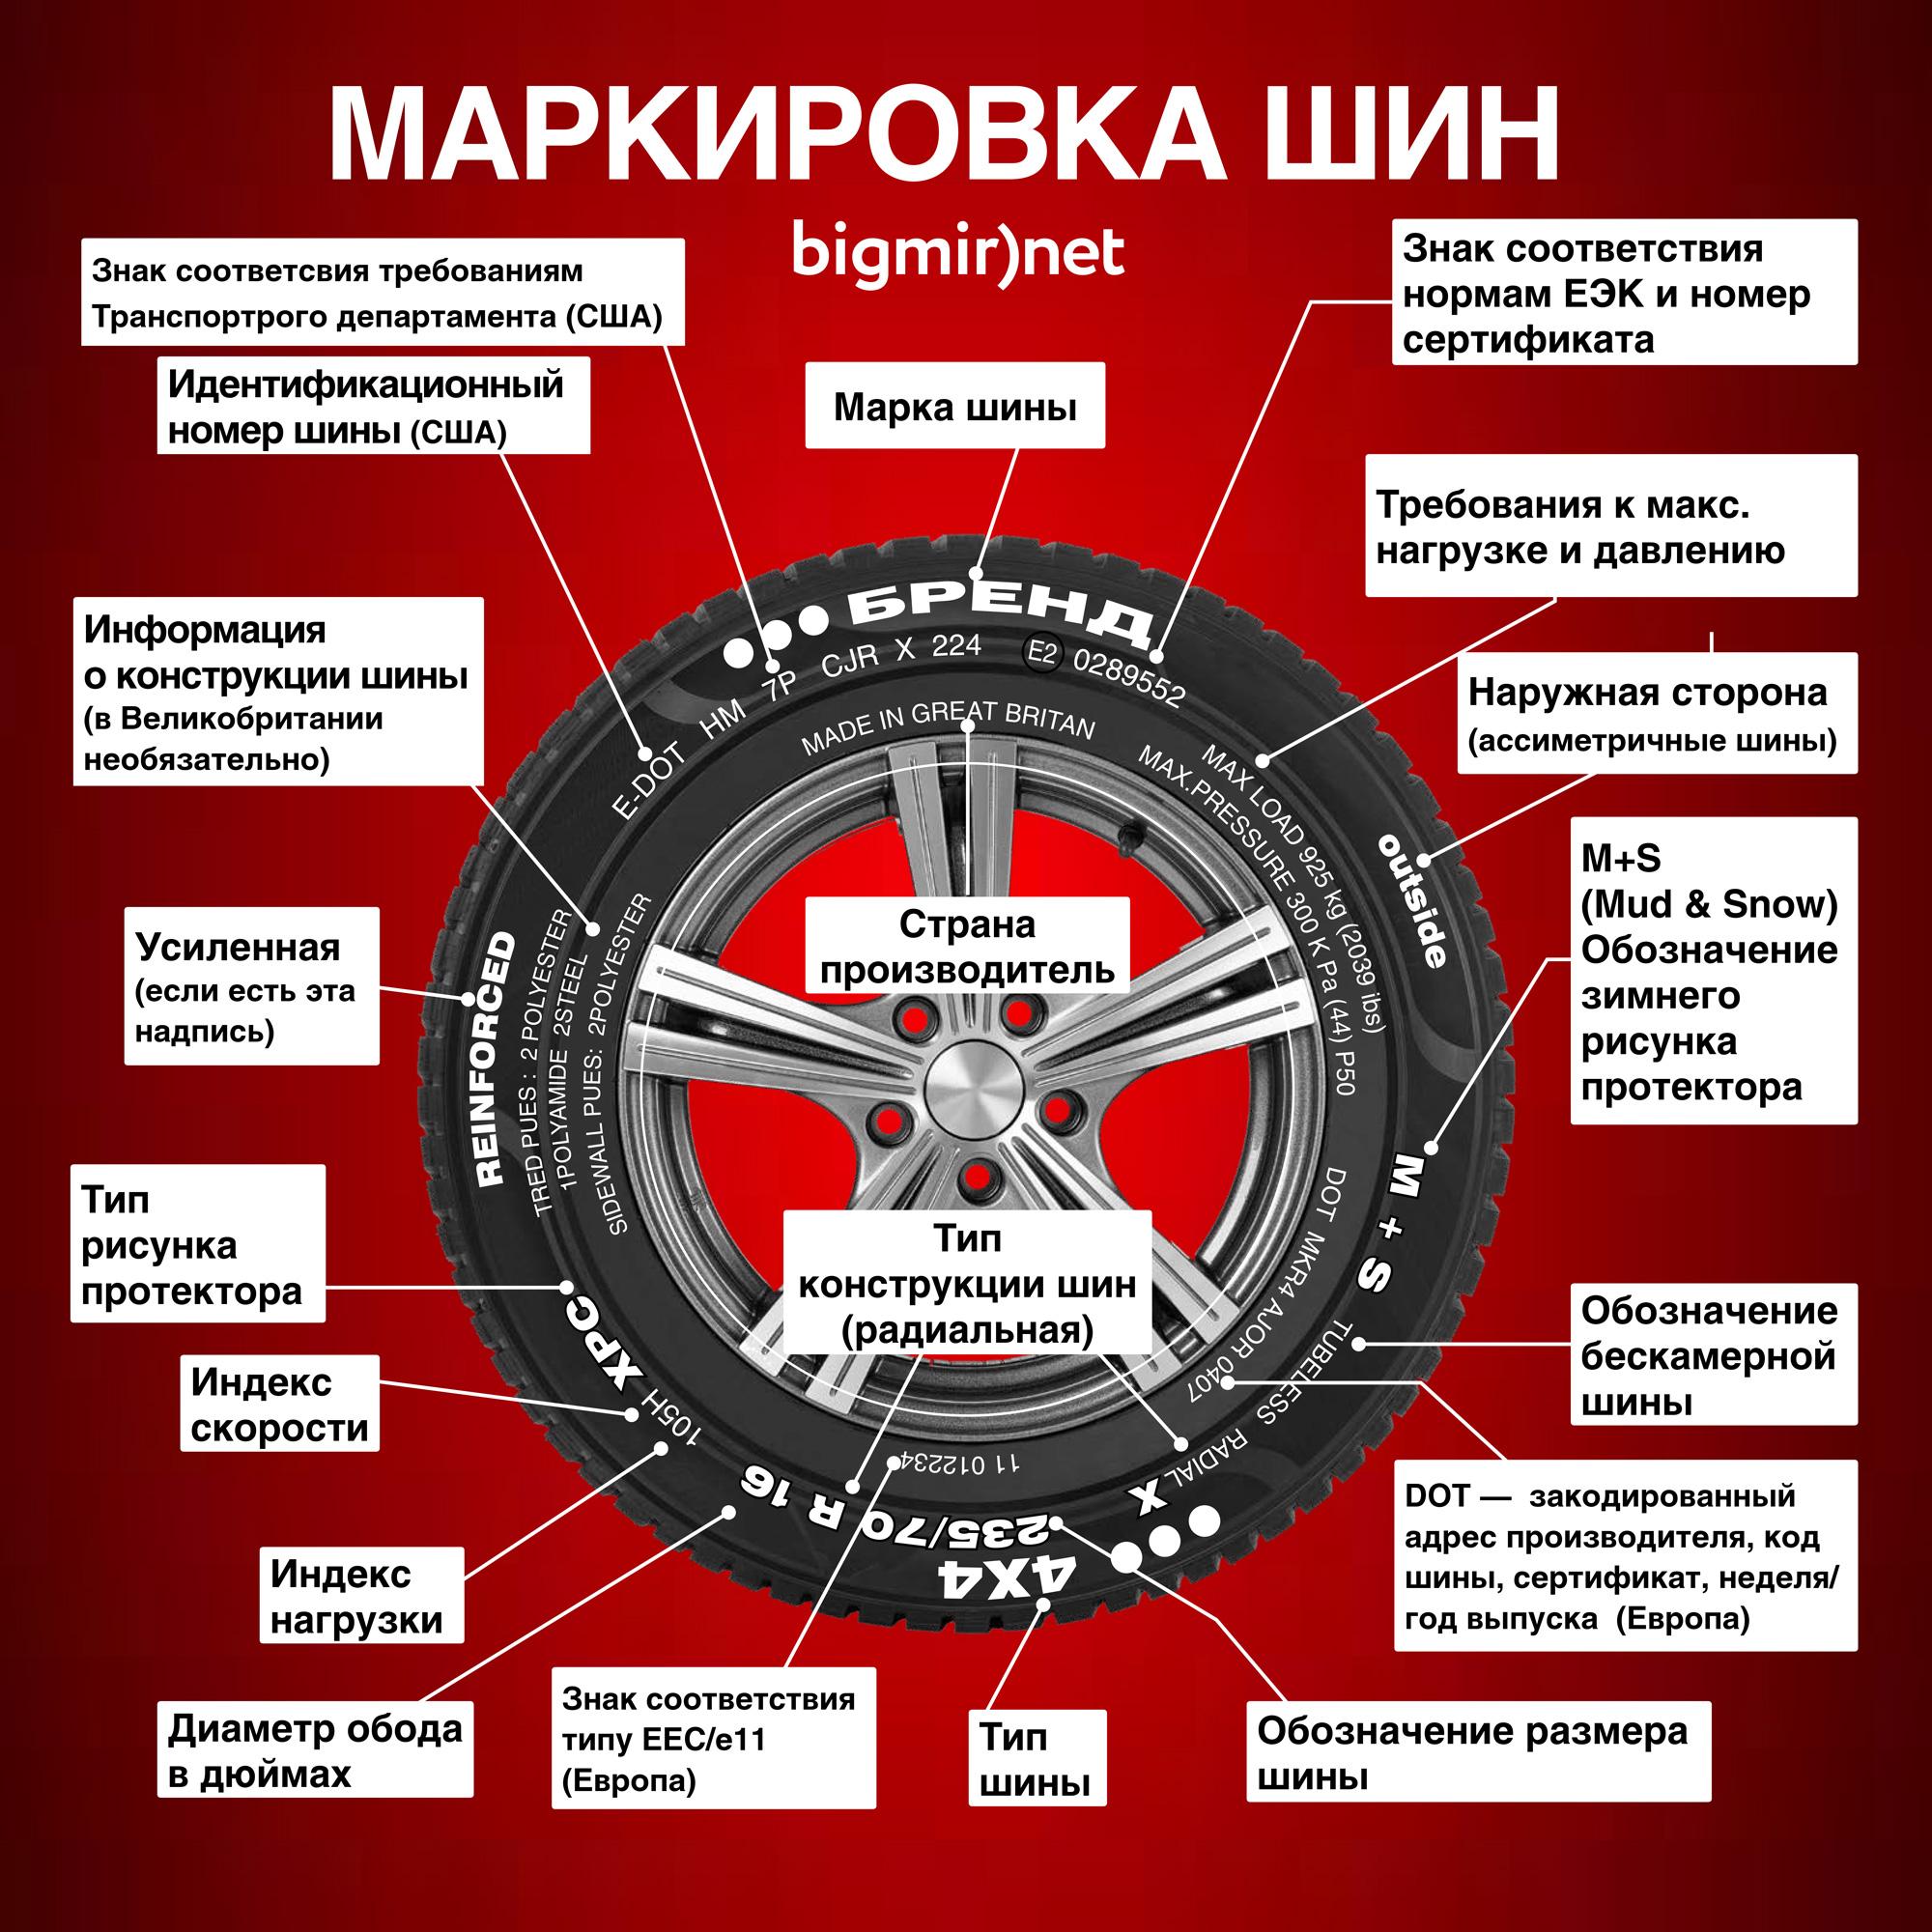 Инфографика по расшифровке основных обозначений на шинах (Европа и США)